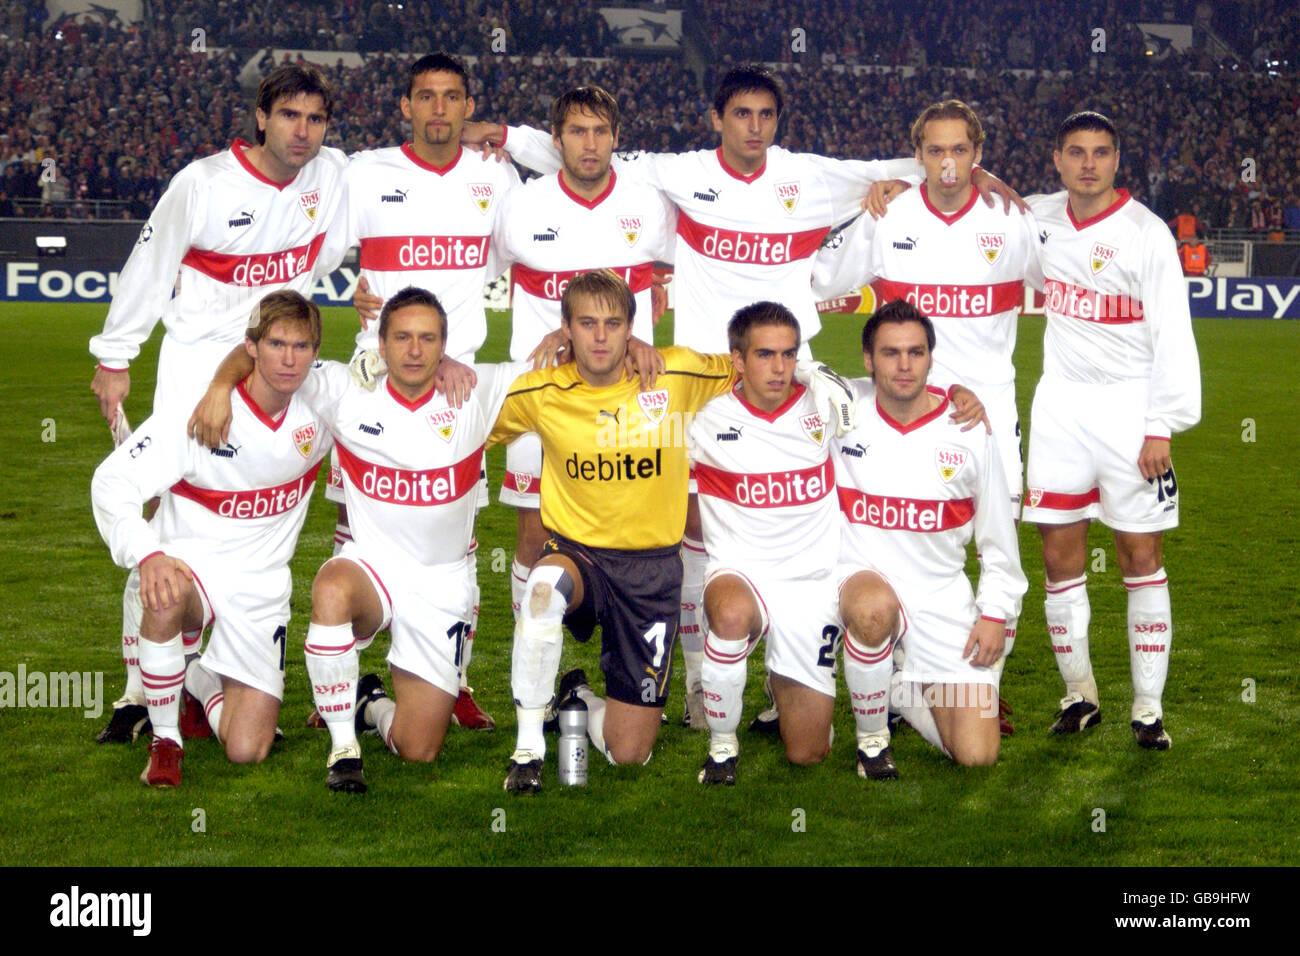 Soccer - UEFA Champions League - Group E - VFB Stuttgart v Rangers - Stock Image